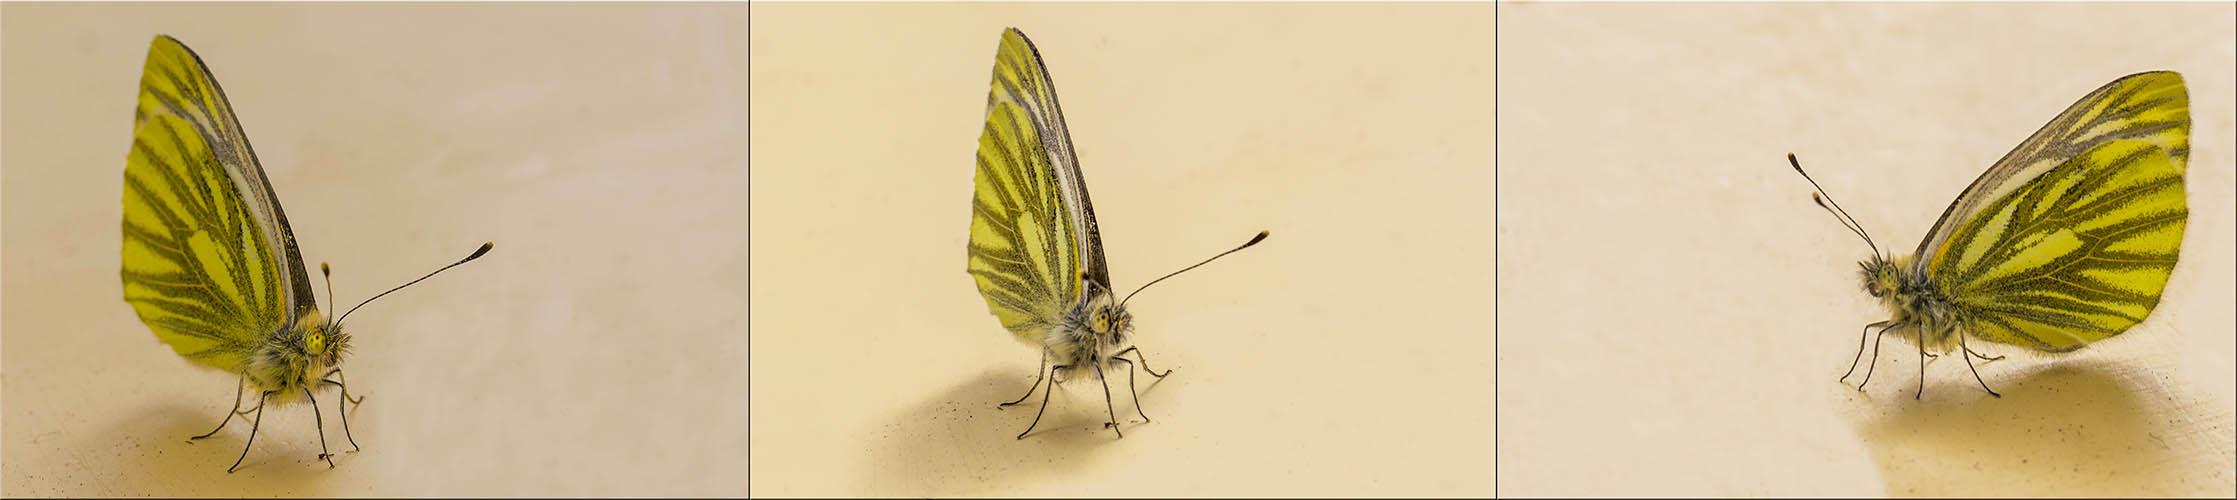 Schmetterlingspano